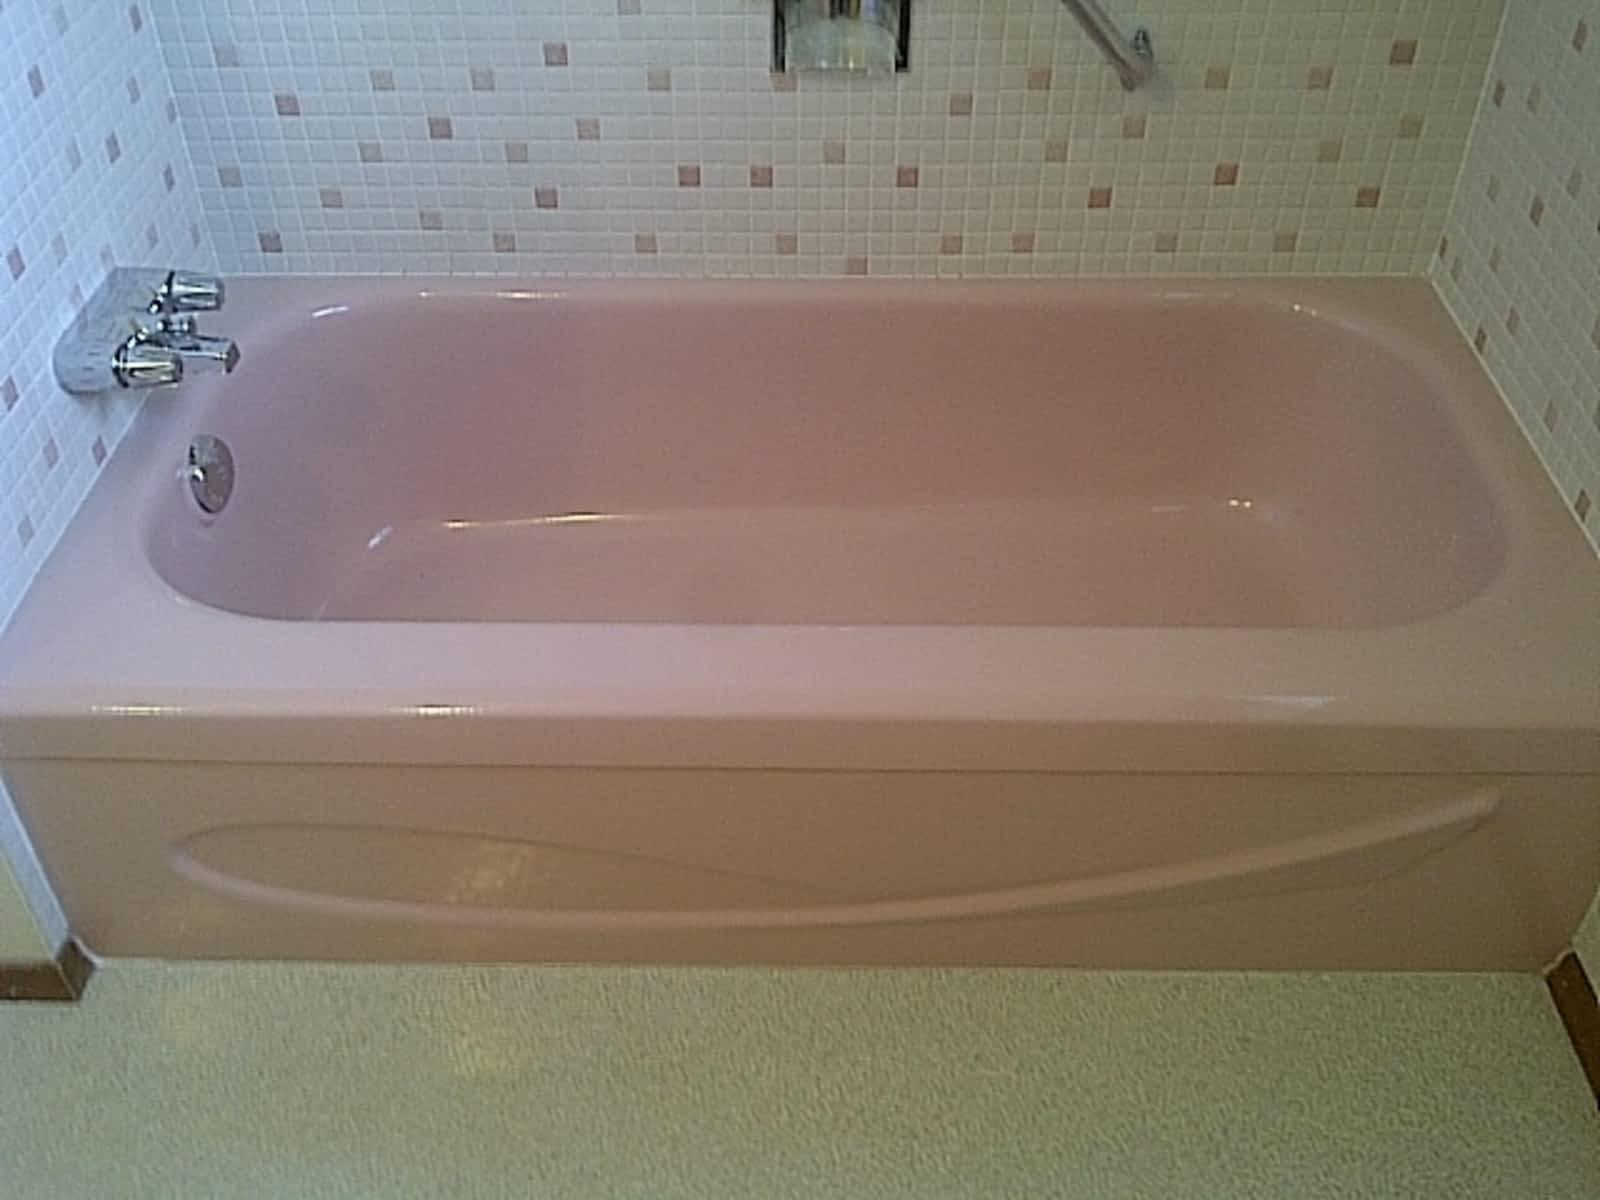 Hot Rod Tub Refinishing - Opening Hours - 12223 67 St NW, Edmonton, AB